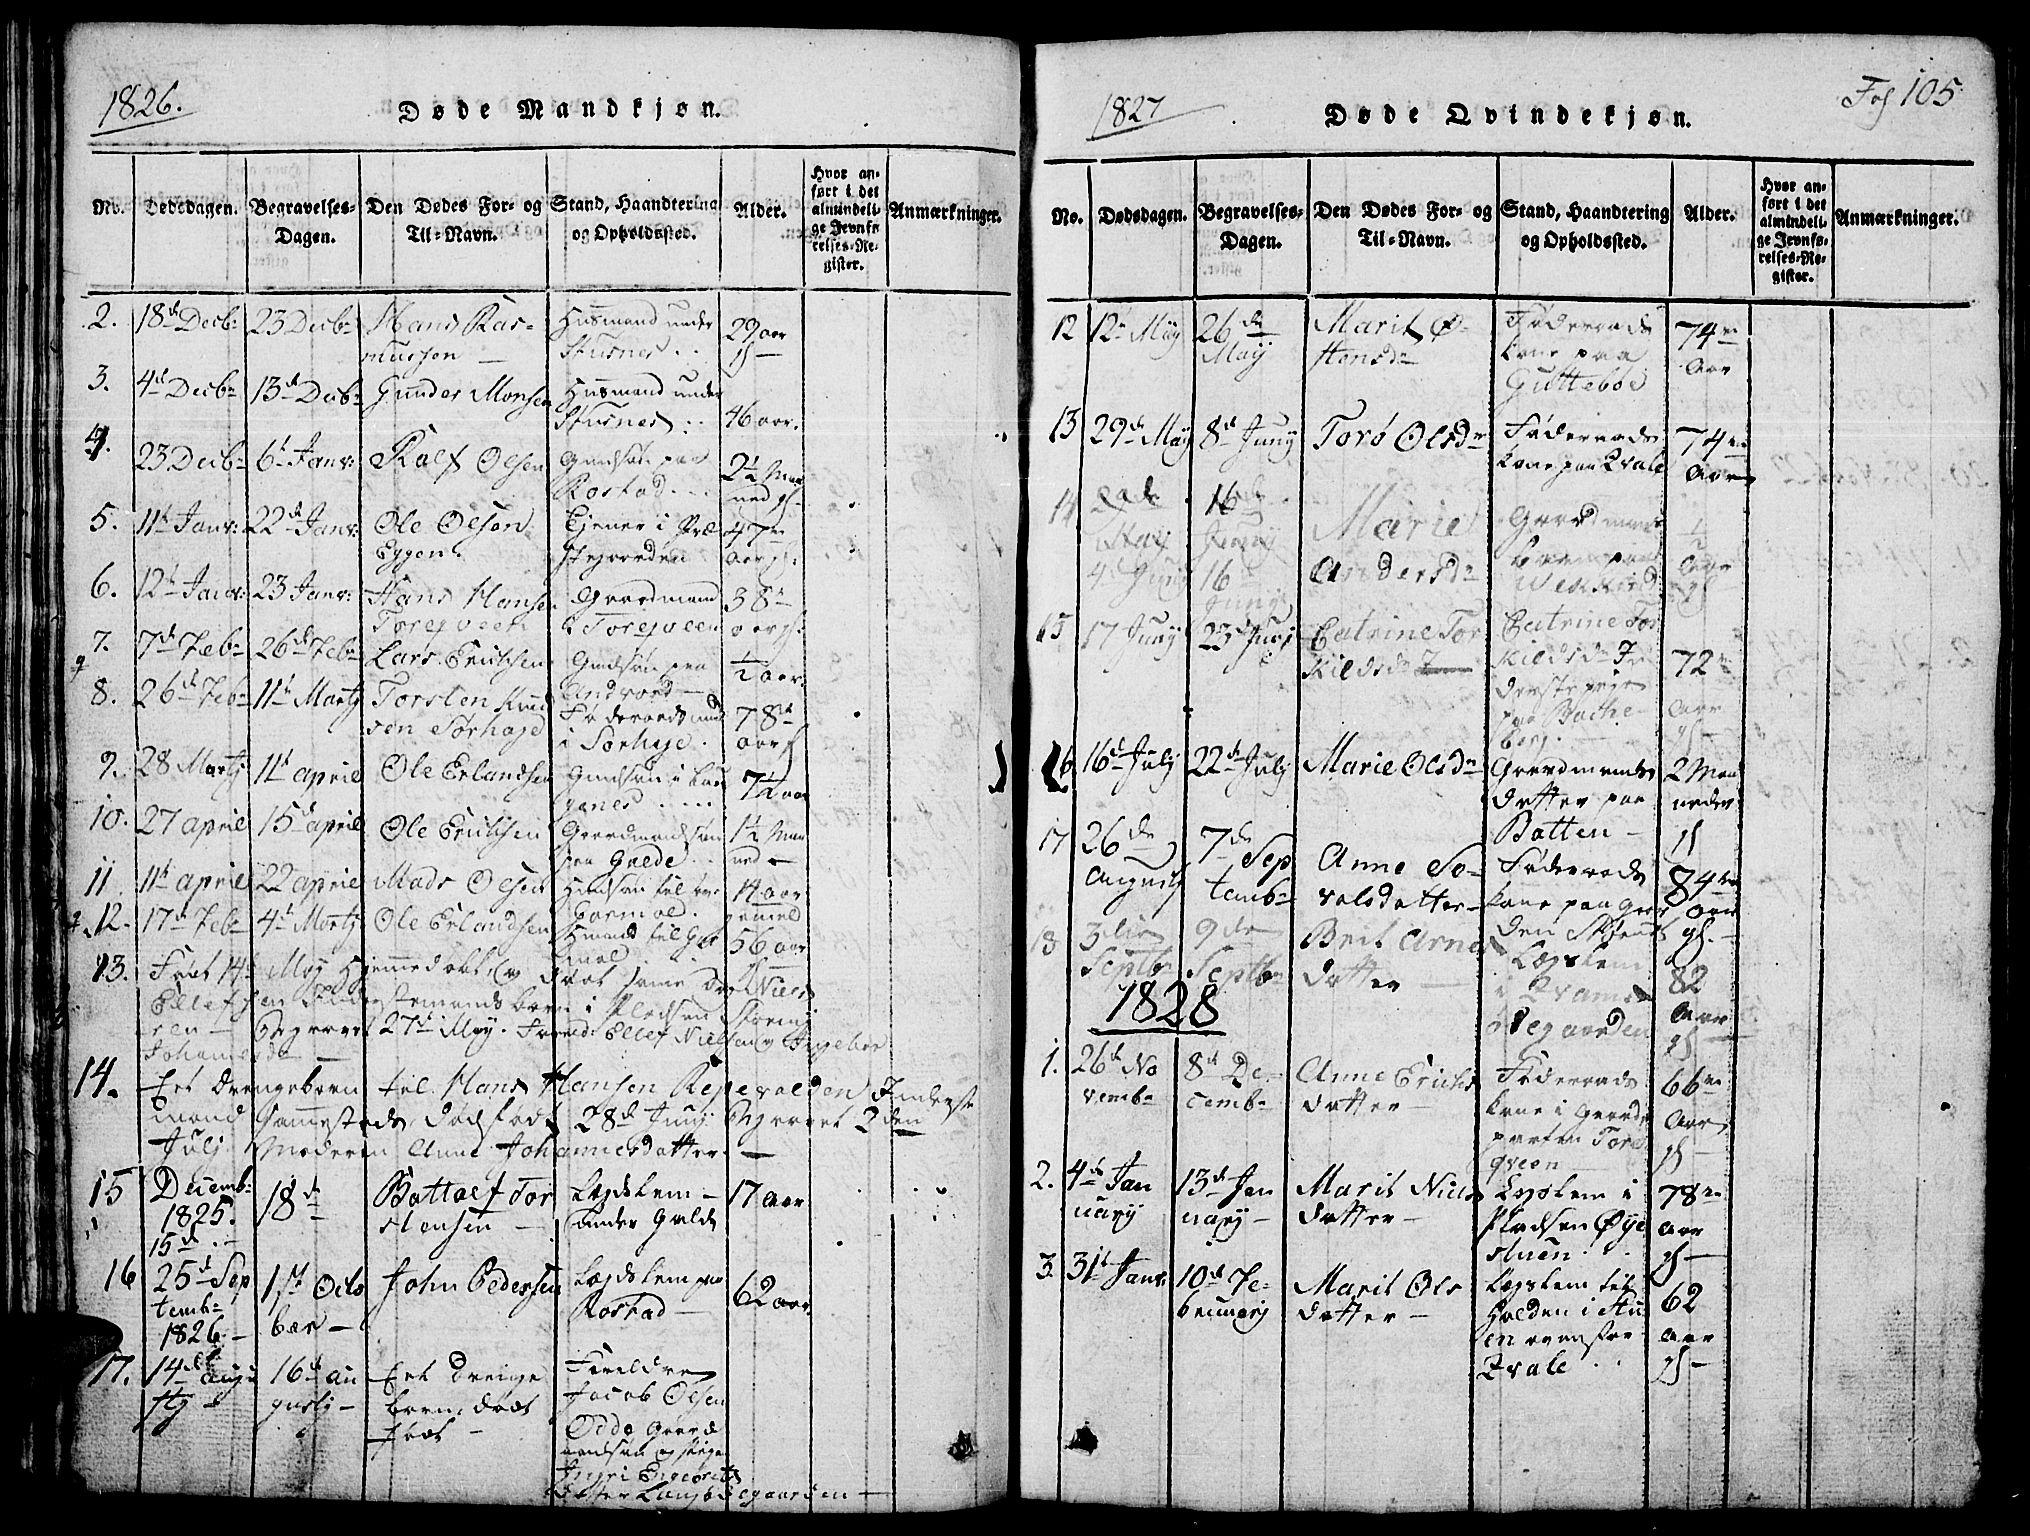 SAH, Lom prestekontor, L/L0001: Klokkerbok nr. 1, 1815-1836, s. 105